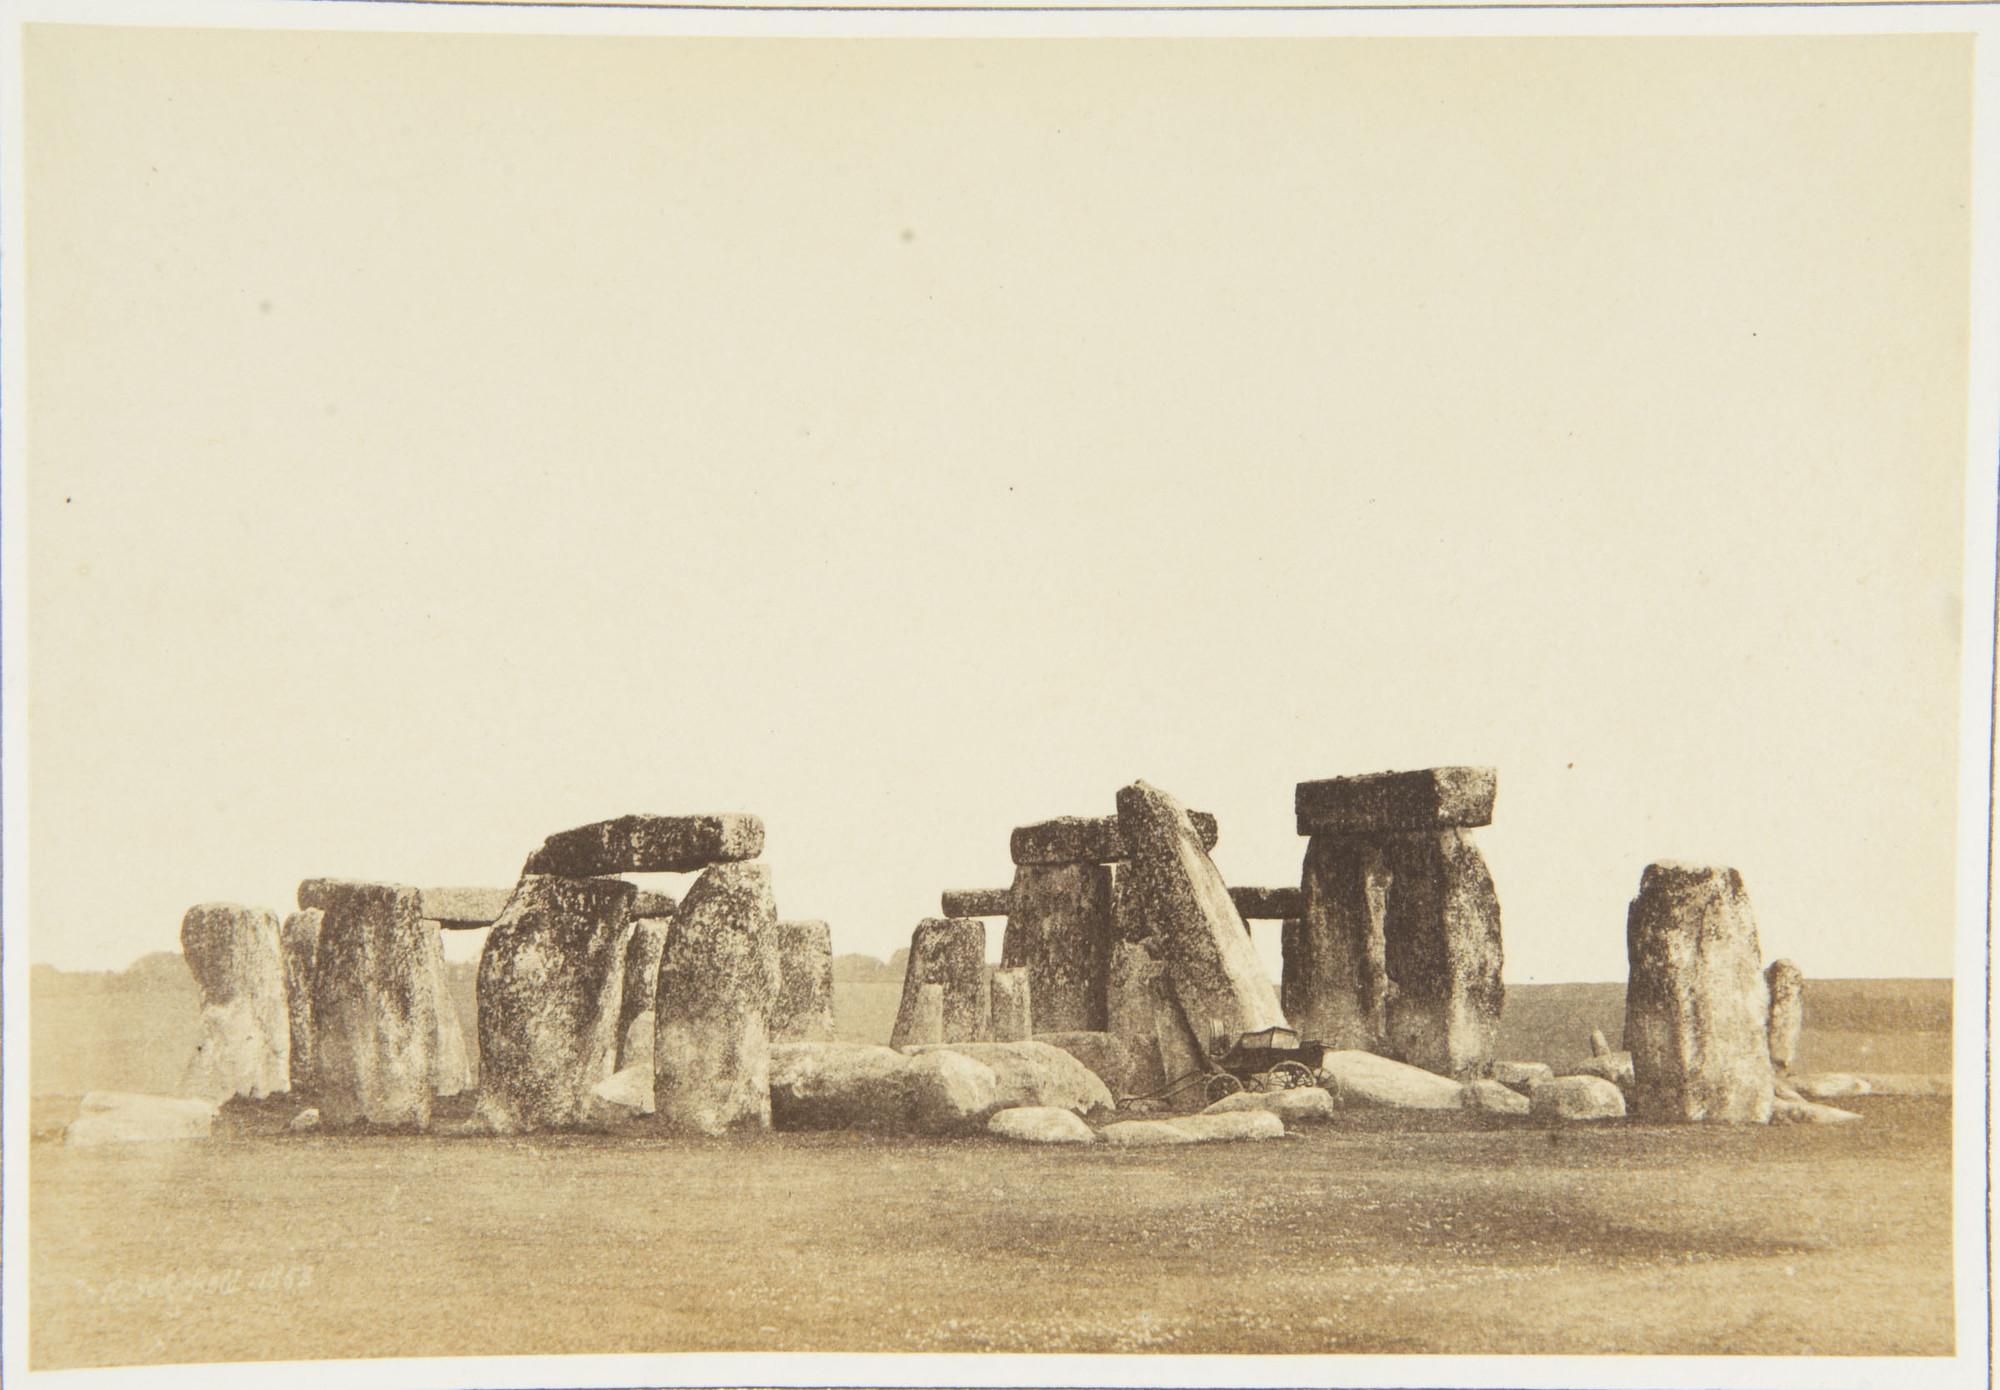 Az angliai Wiltshire-ben, Salisbury-től mintegy 13 km-re északra található körkörösen elrendezett kőtömbökből és földsáncokból álló monumentális őskori építményről készített legelső fotót William Russell Sedgfield nevéhez kötjük, aki 1853-ban, még az újkori rekonstrukció előtt fényképezte le a Stonehenge-t. <br />A képet 1854-ben mutatták be a Photographic Society első kiállításán. <br />